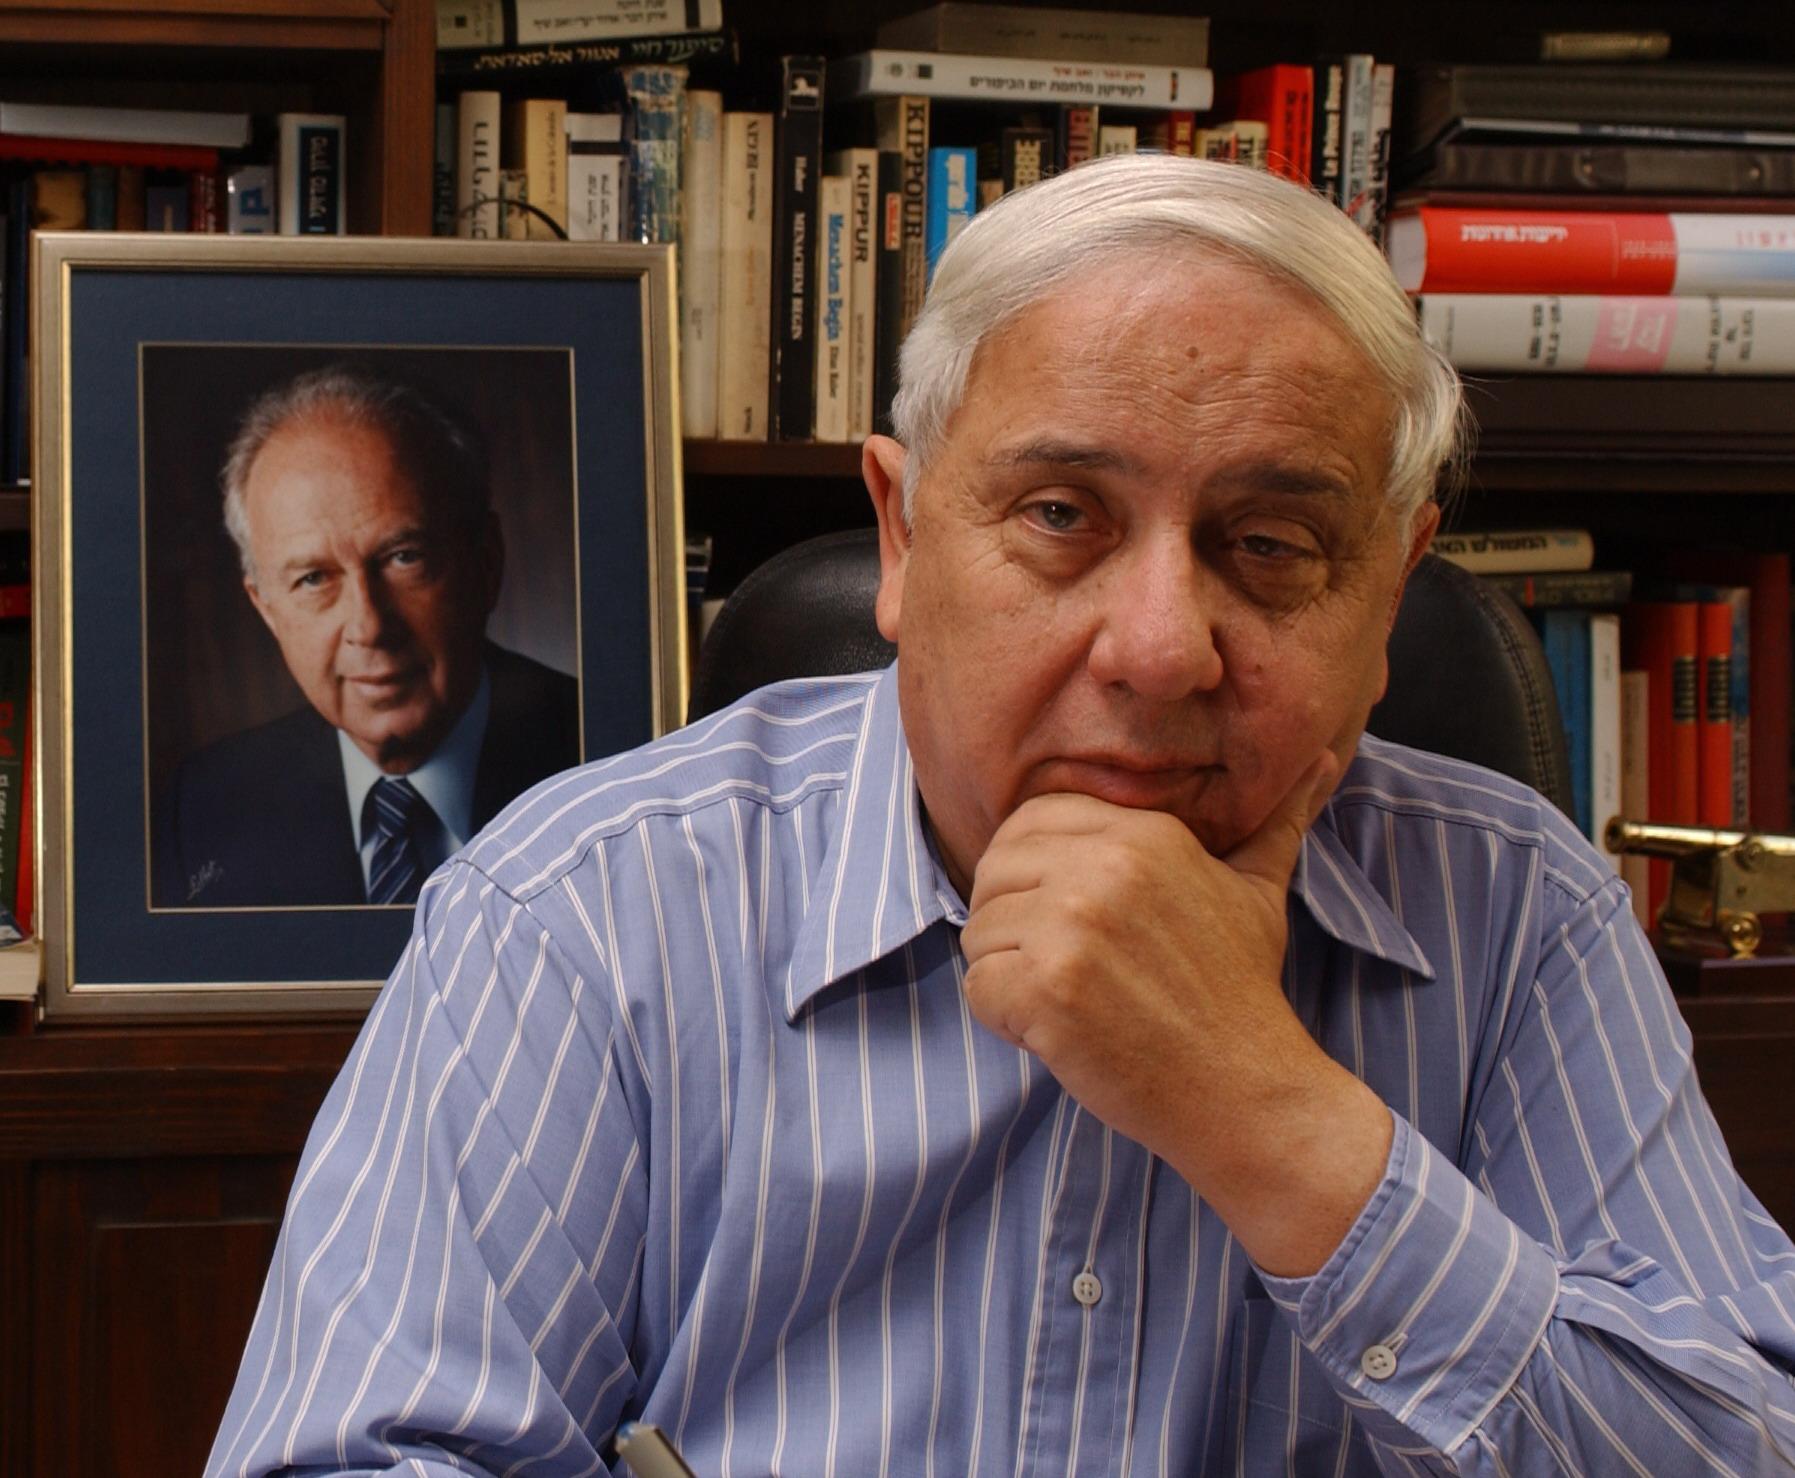 Eitan Haber - Wikipedia